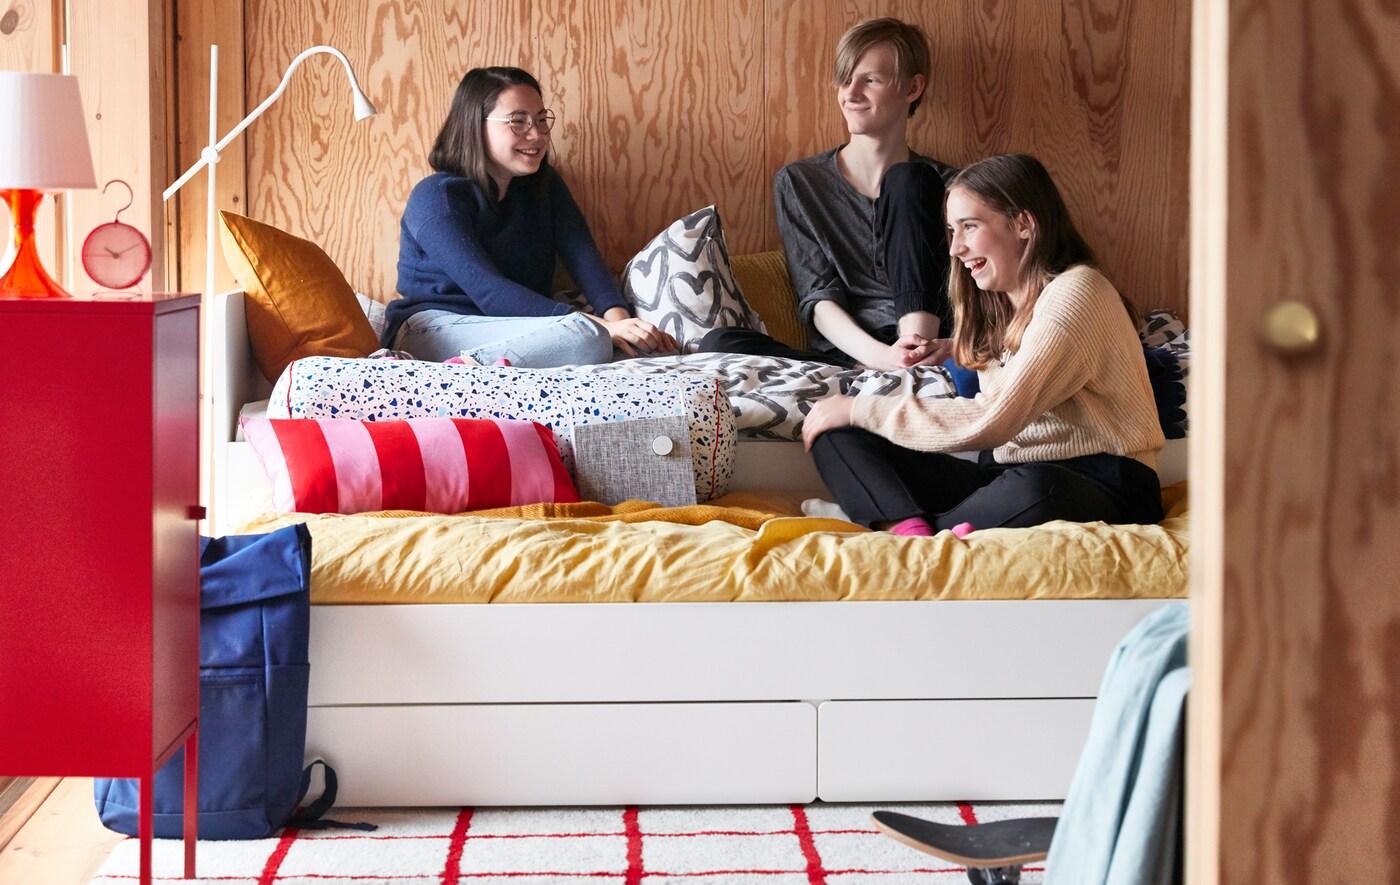 Un groupe d'adolescents discute, assis sur un lit avec lit tiroir SLÄKT dans une chambre à coucher aux murs revêtus de panneaux de bois.